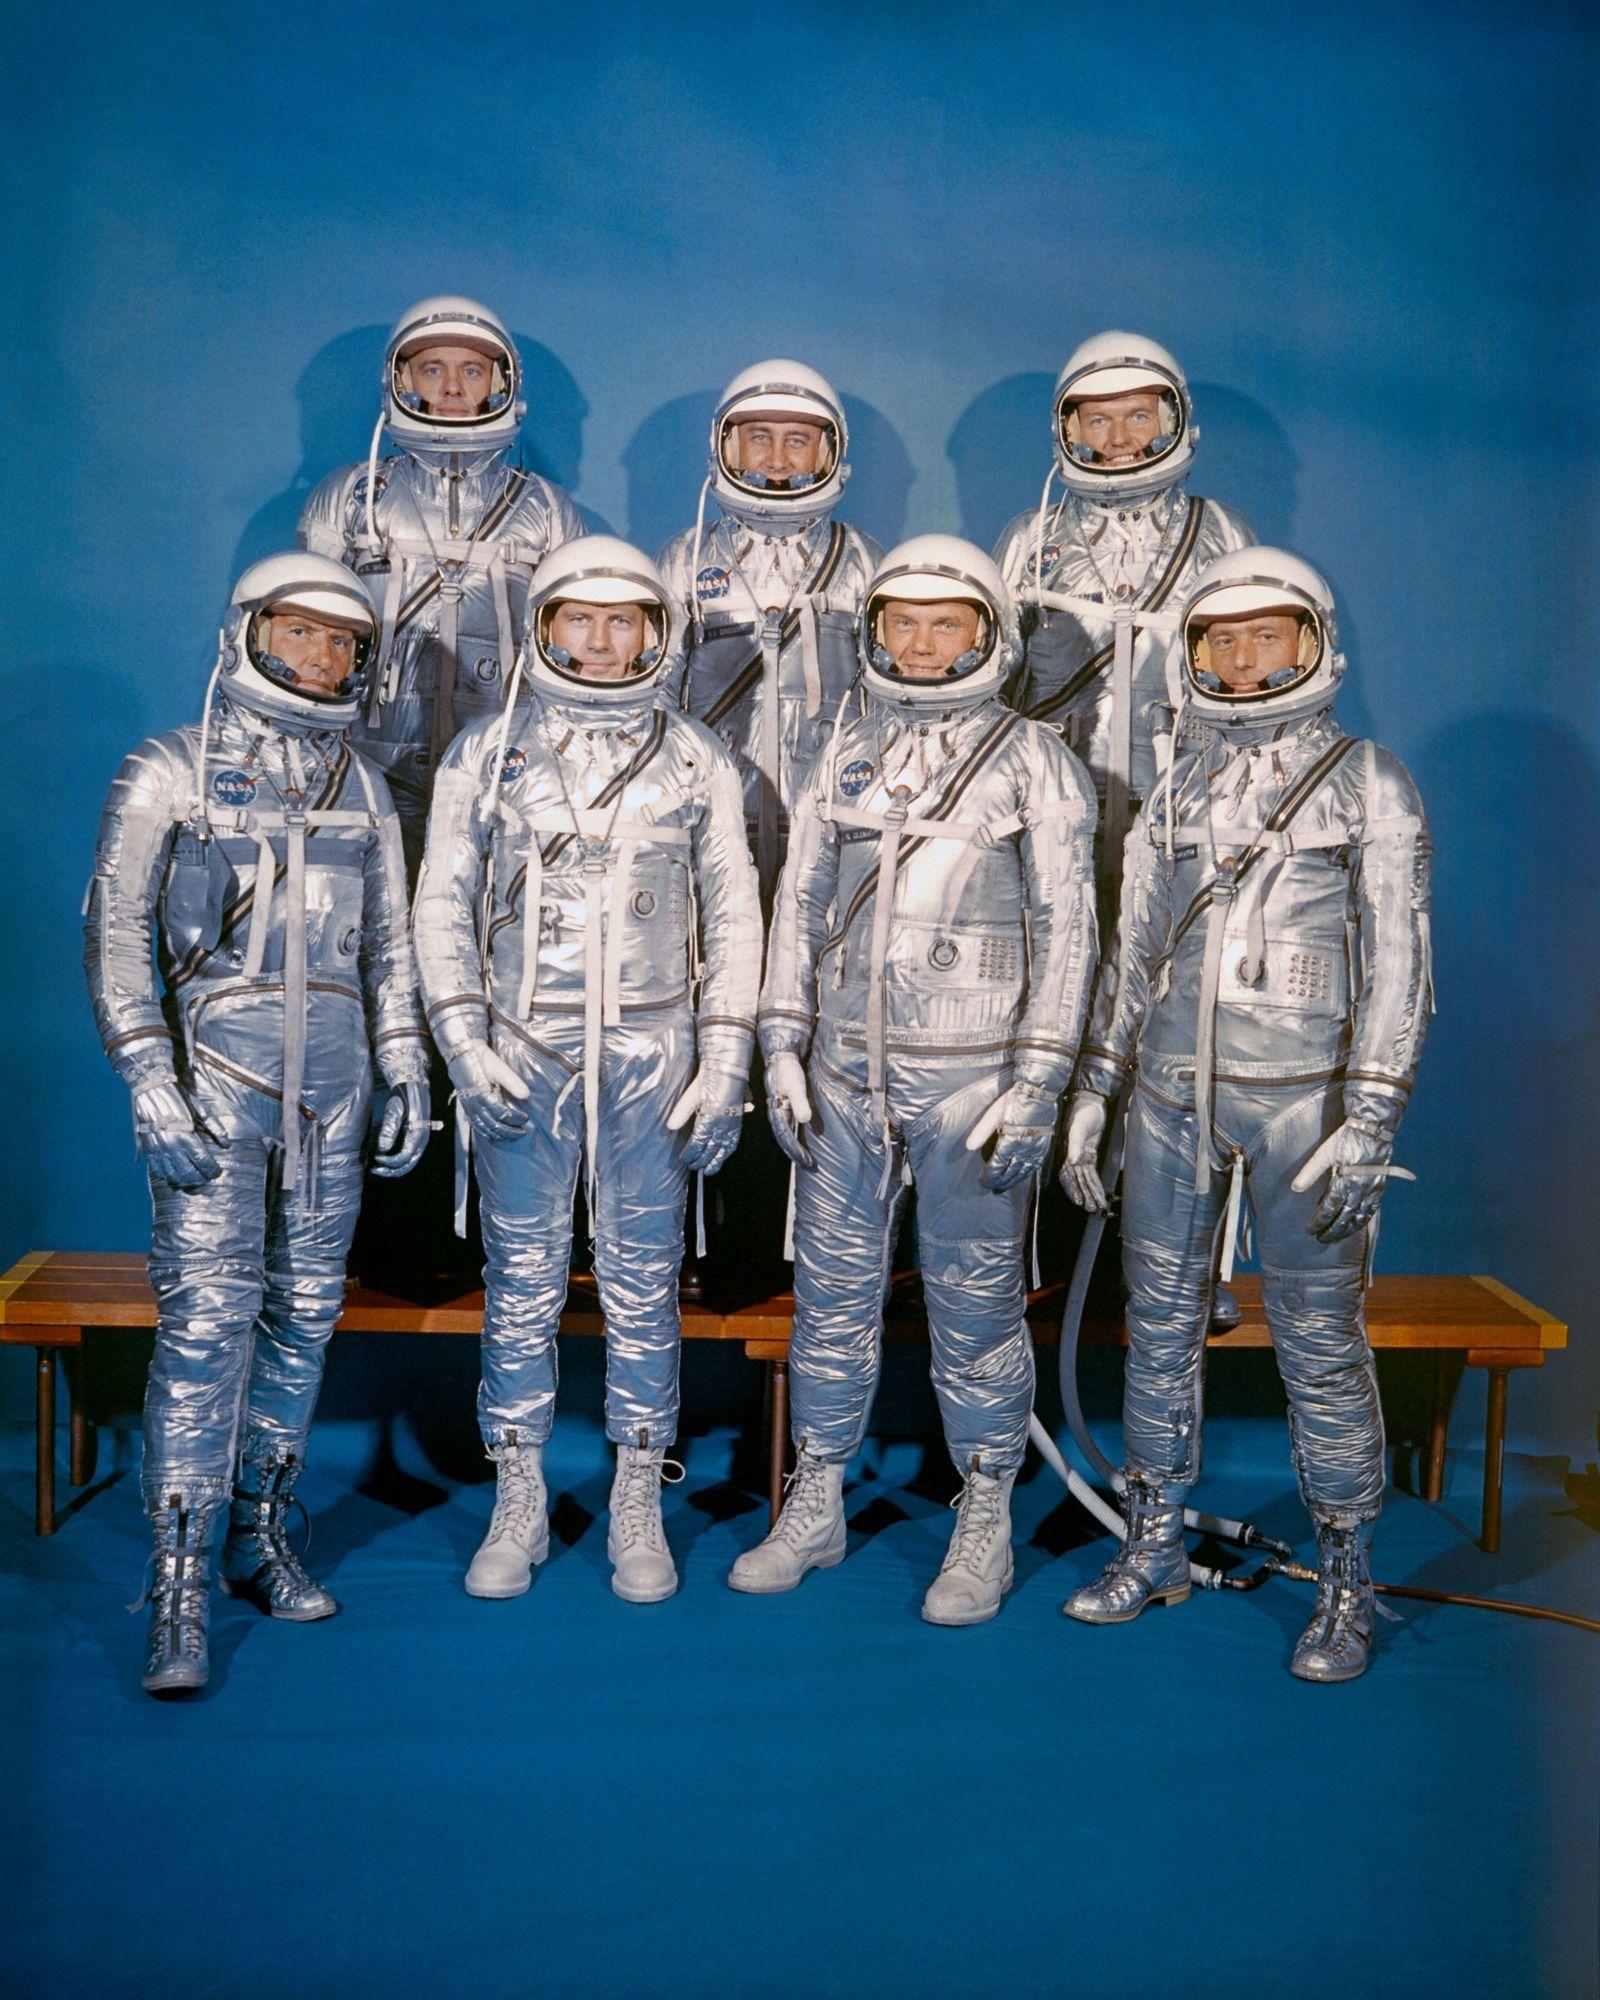 """Os astronautas do Programa Mercury 7 vestidos com os seus """"fatos Mercury"""". Desenvolvidos a partir de ..."""